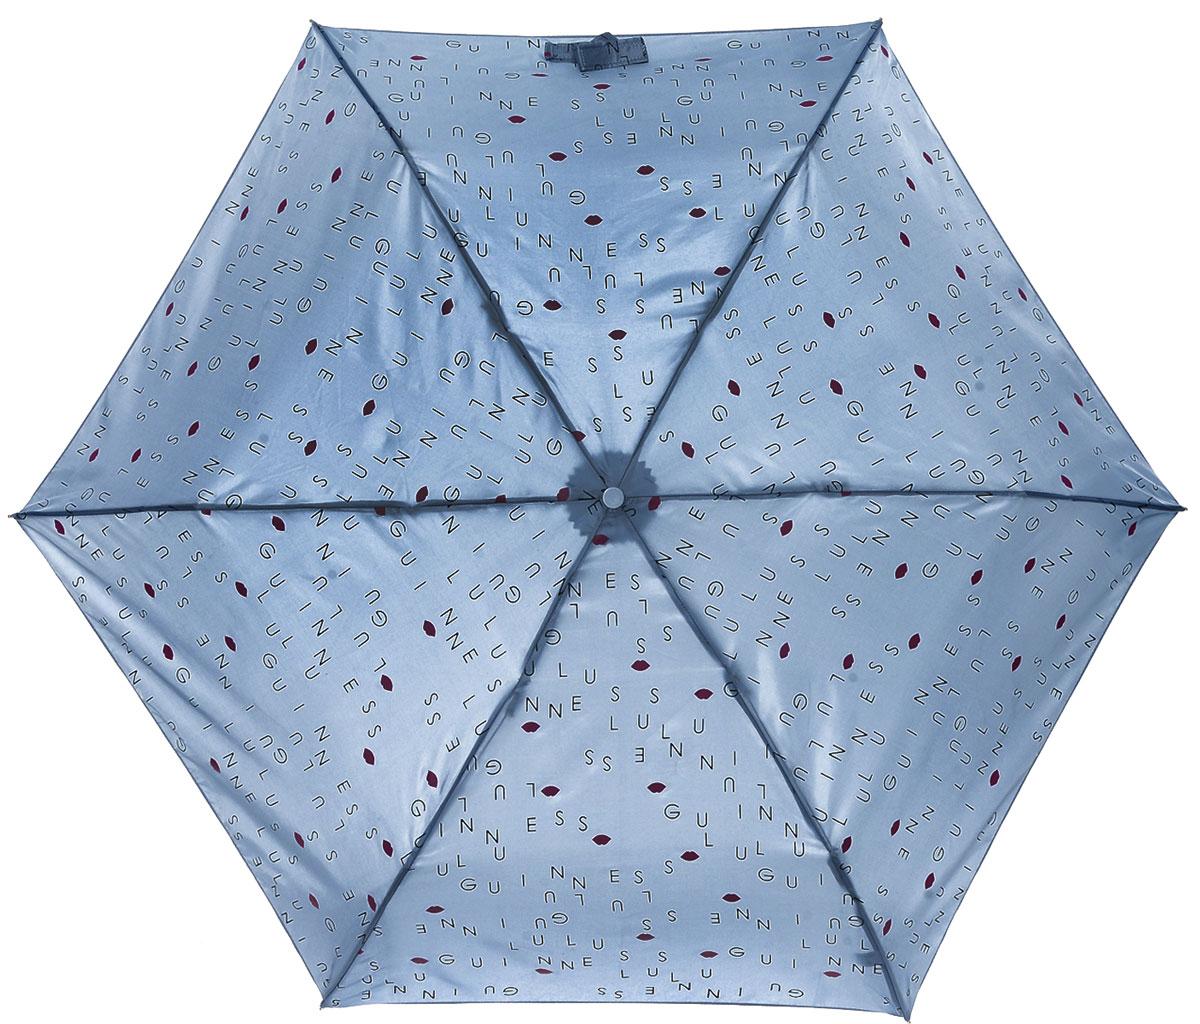 Зонт женский Lulu Guinness Superslim, механический, 3 сложения, цвет: серо-голубой, черный, розовый. L718-3179L718-3179 LuluLettersMistBlueСтильный механический зонт Lulu Guinness Superslim в 3 сложения даже в ненастную погоду позволит вам оставаться элегантной. Облегченный каркас зонта выполнен из 6 спиц из фибергласса и алюминия, стержень также изготовлен из алюминия, удобная рукоятка - из пластика. Купол зонта выполнен из прочного полиэстера=. В закрытом виде застегивается хлястиком на кнопке. Яркий оригинальный в виде надписей и изображения губ поднимет настроение в дождливый день. Зонт механического сложения: купол открывается и закрывается вручную до характерного щелчка. На рукоятке для удобства есть небольшой шнурок, позволяющий надеть зонт на руку тогда, когда это будет необходимо. К зонту прилагается чехол, который дополнительно застегивается на липучку, с небольшой нашивкой с названием бренда. Такой зонт компактно располагается в кармане, сумочке, дверке автомобиля.